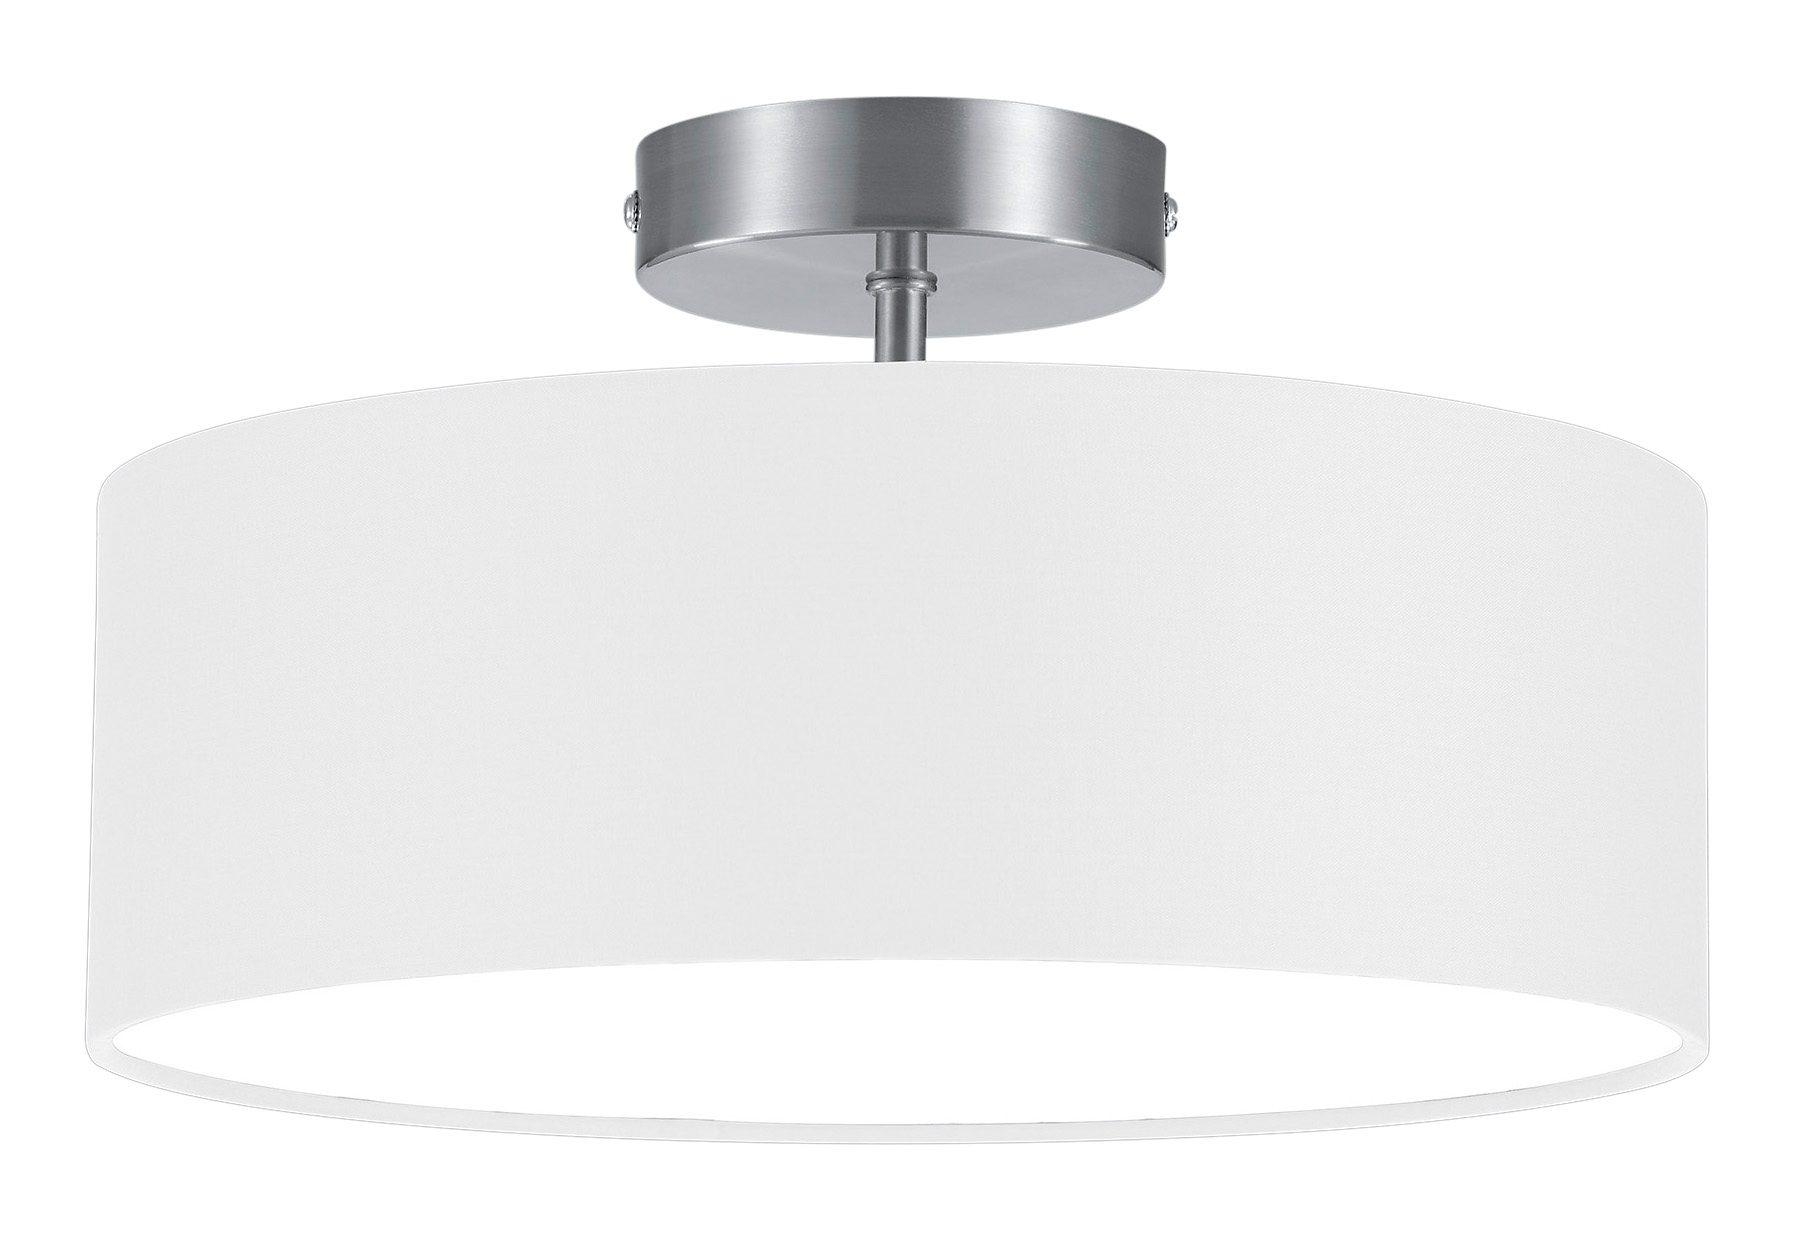 Schlafzimmerlampe Deckenleuchte Stoffschirm Rund Ø30cm schwarz extern dimmbar